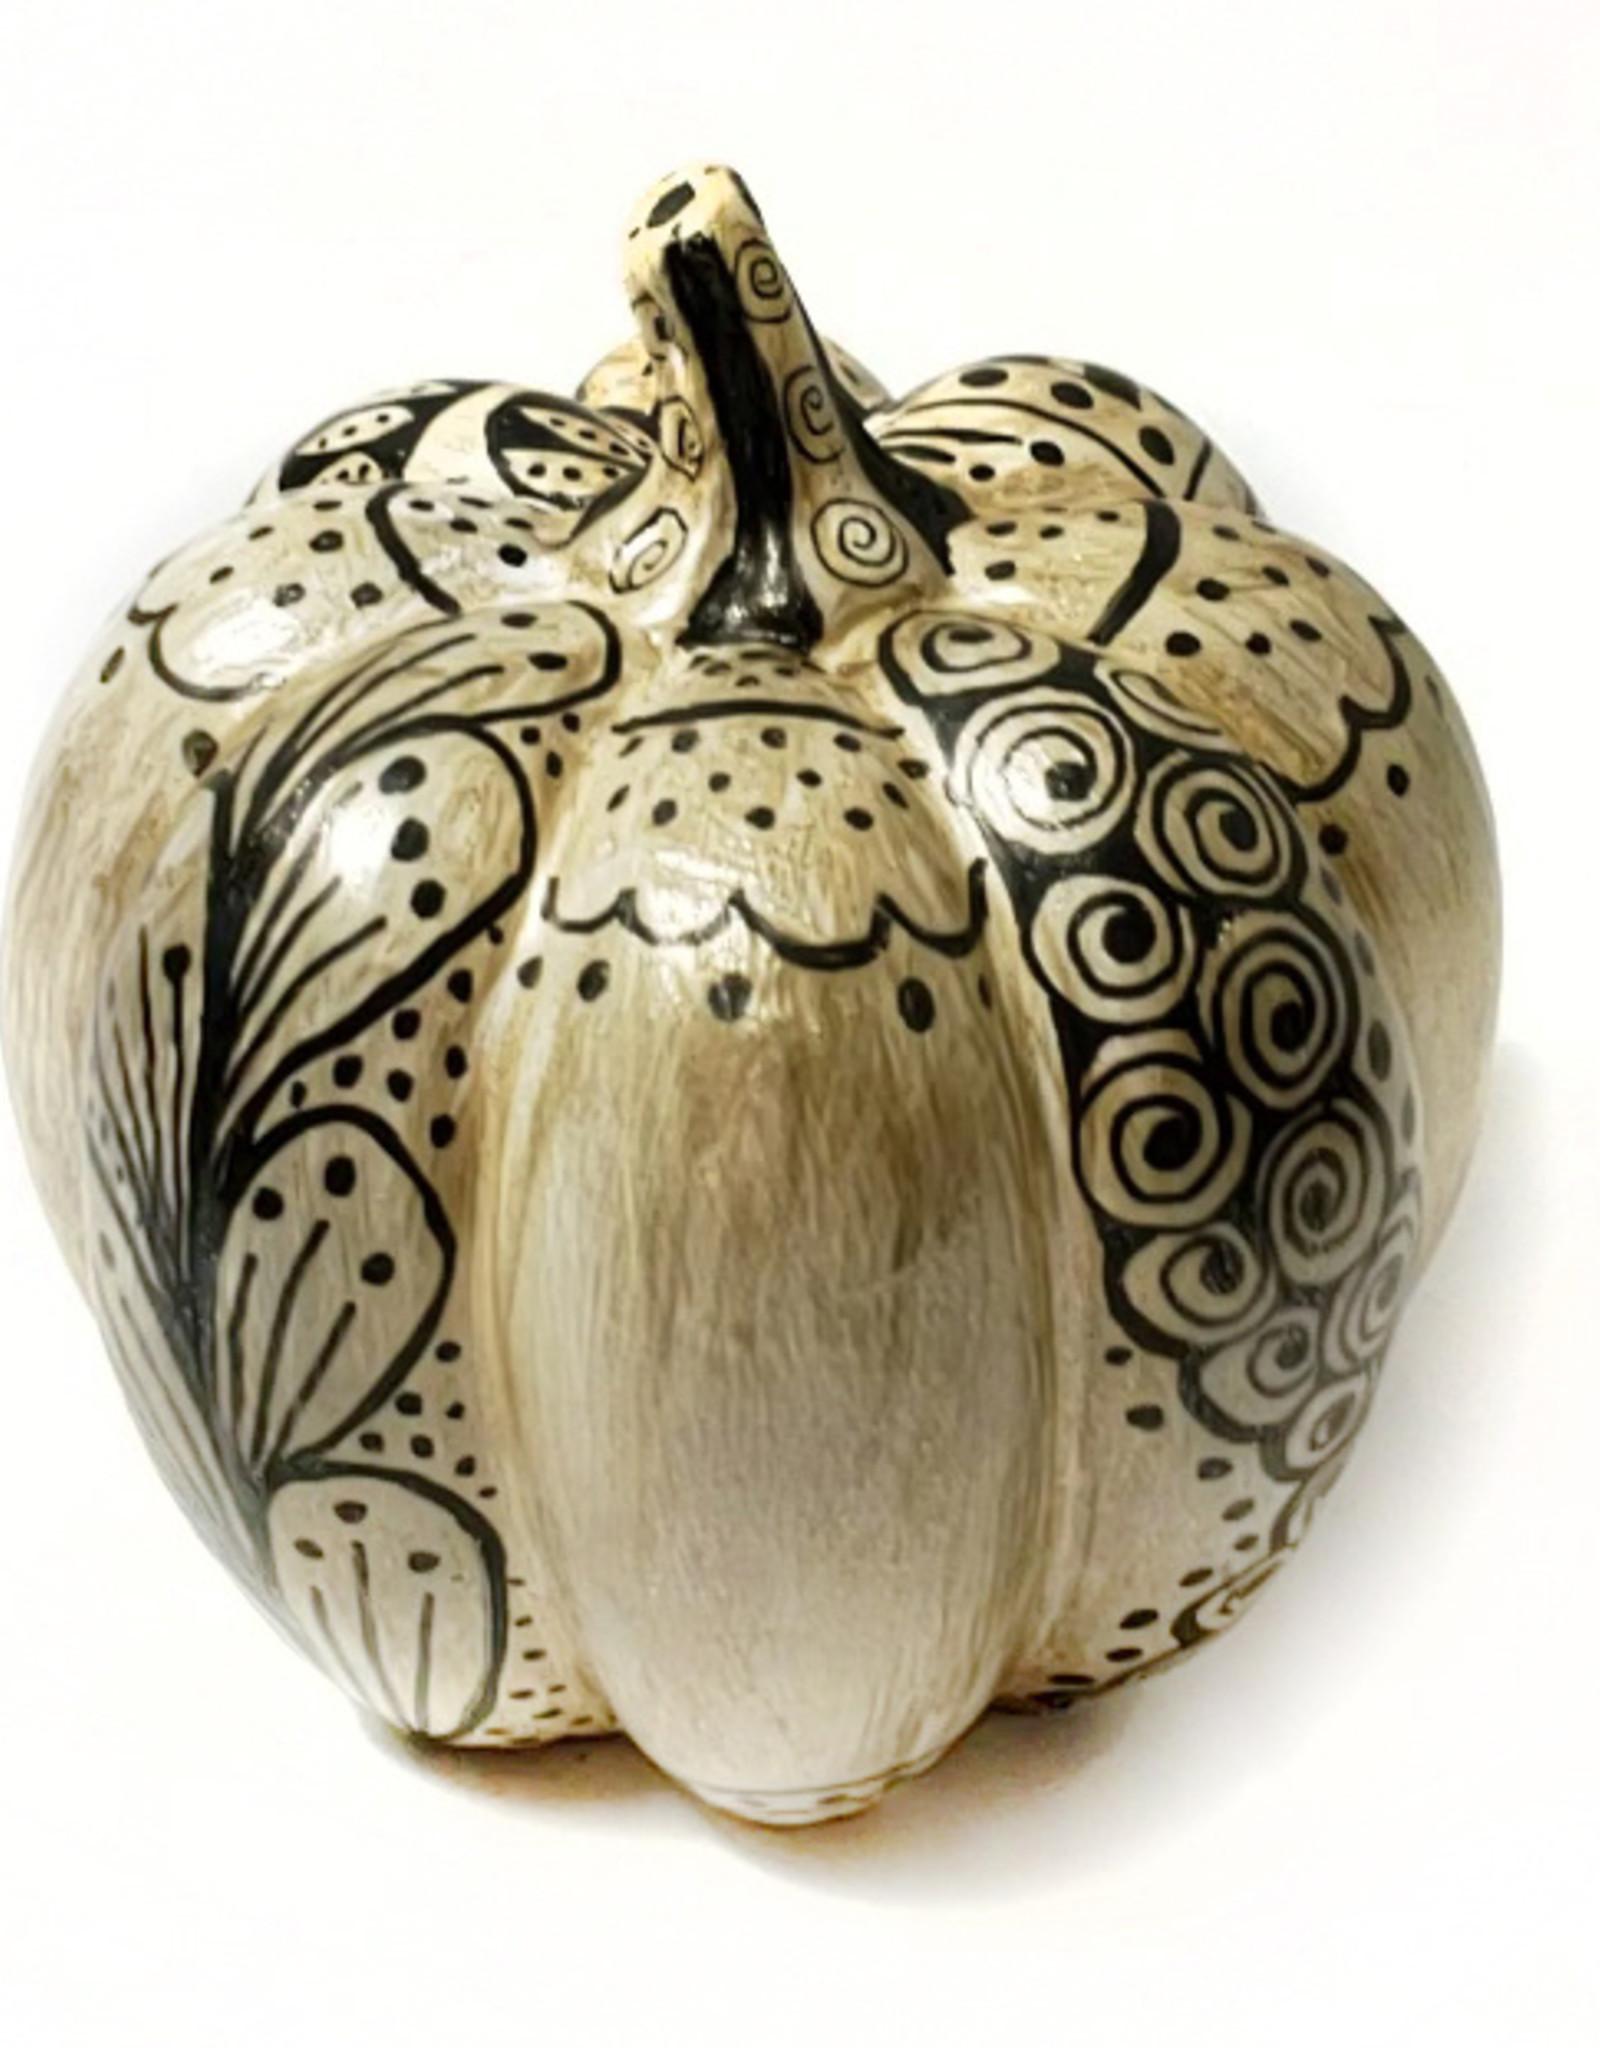 Diane W Ink  Tangled Art Class Mini Pumpkin Sat Oct 2, 2:30 to  4:30 pm